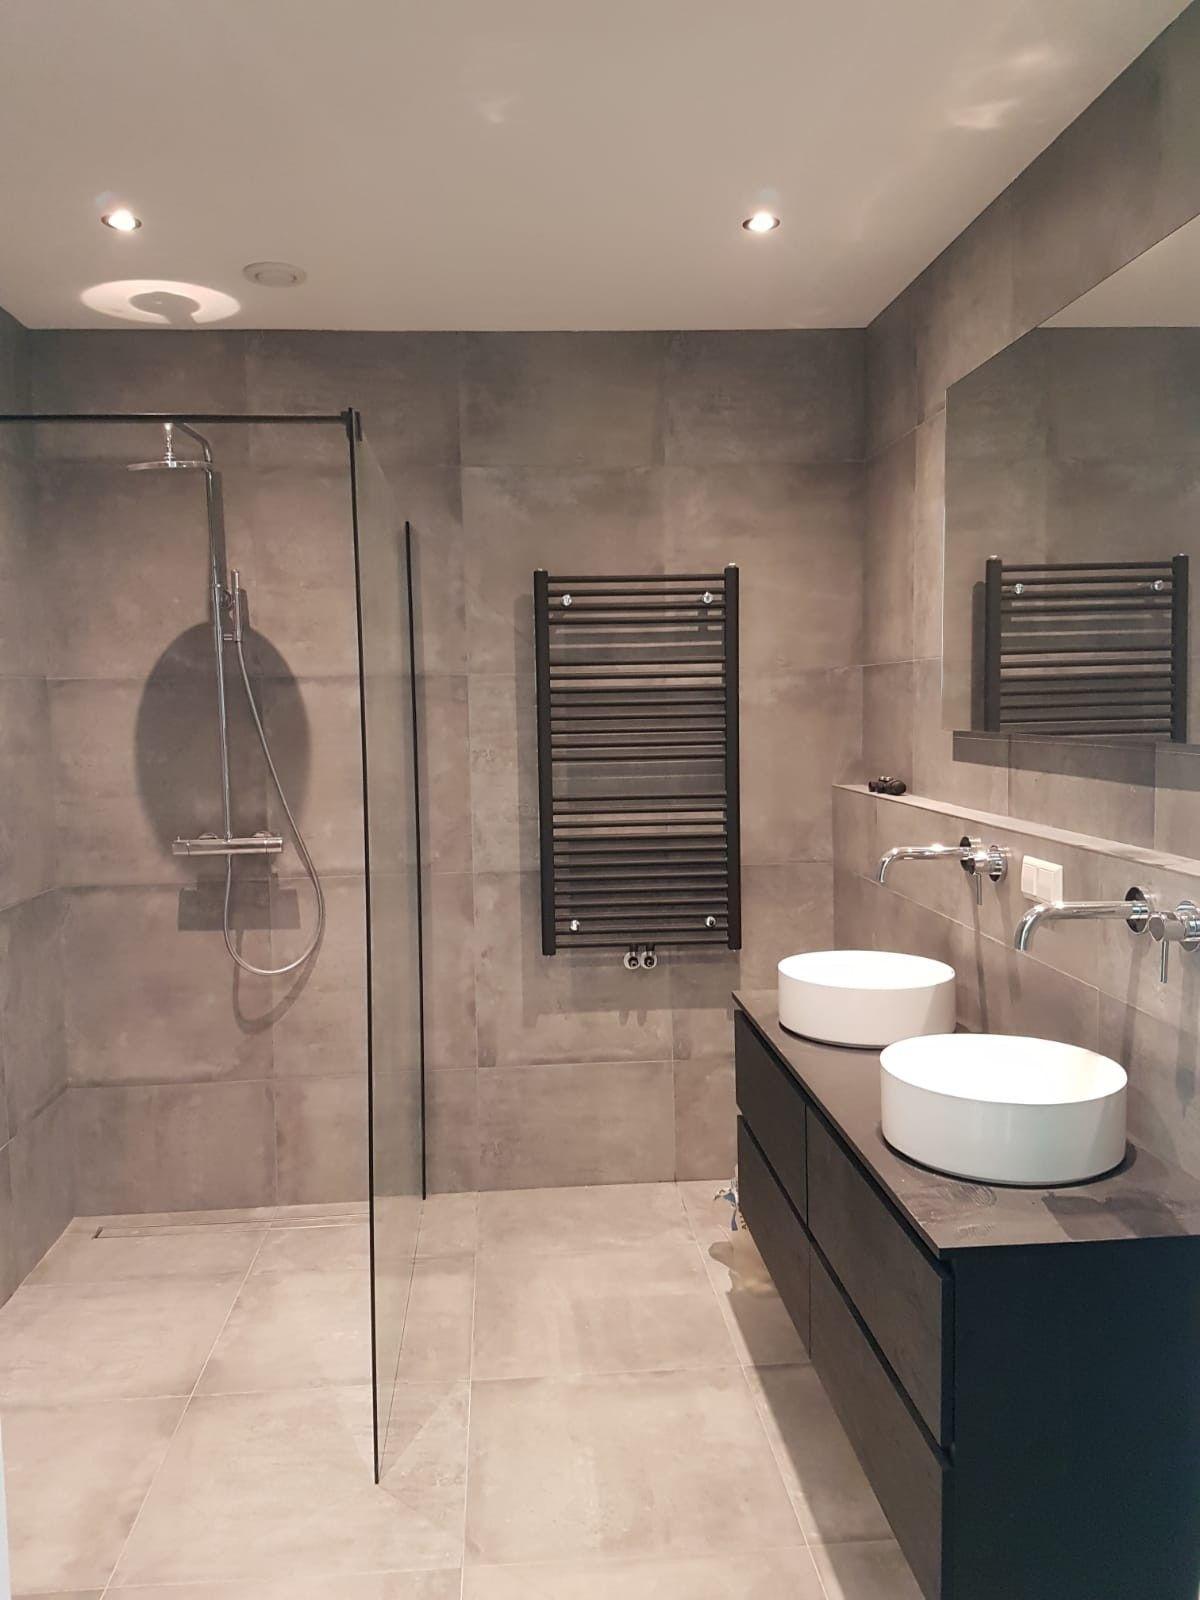 Ook Uw Badkamer Verbouwen Bel Ons Badkamerinspiratie Ook Uw Badkamer Verbouwen Bel Ons In 2020 Badezimmer Einrichtung Badezimmer Renovieren Und Badezimmer